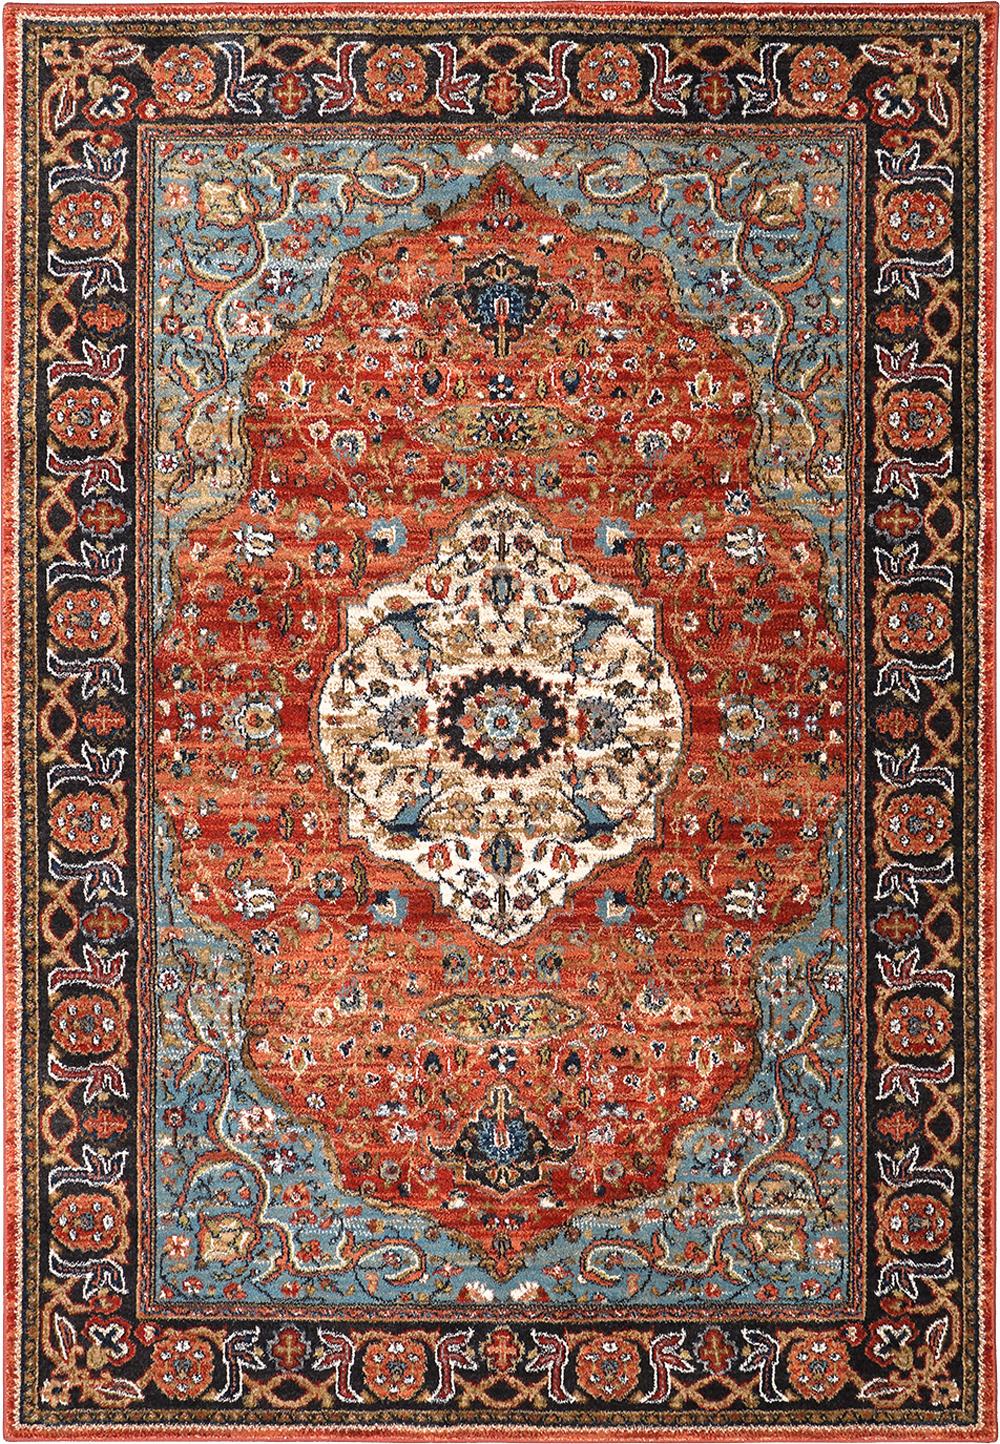 Karastan Spice Market Petra Multi Multi Rug